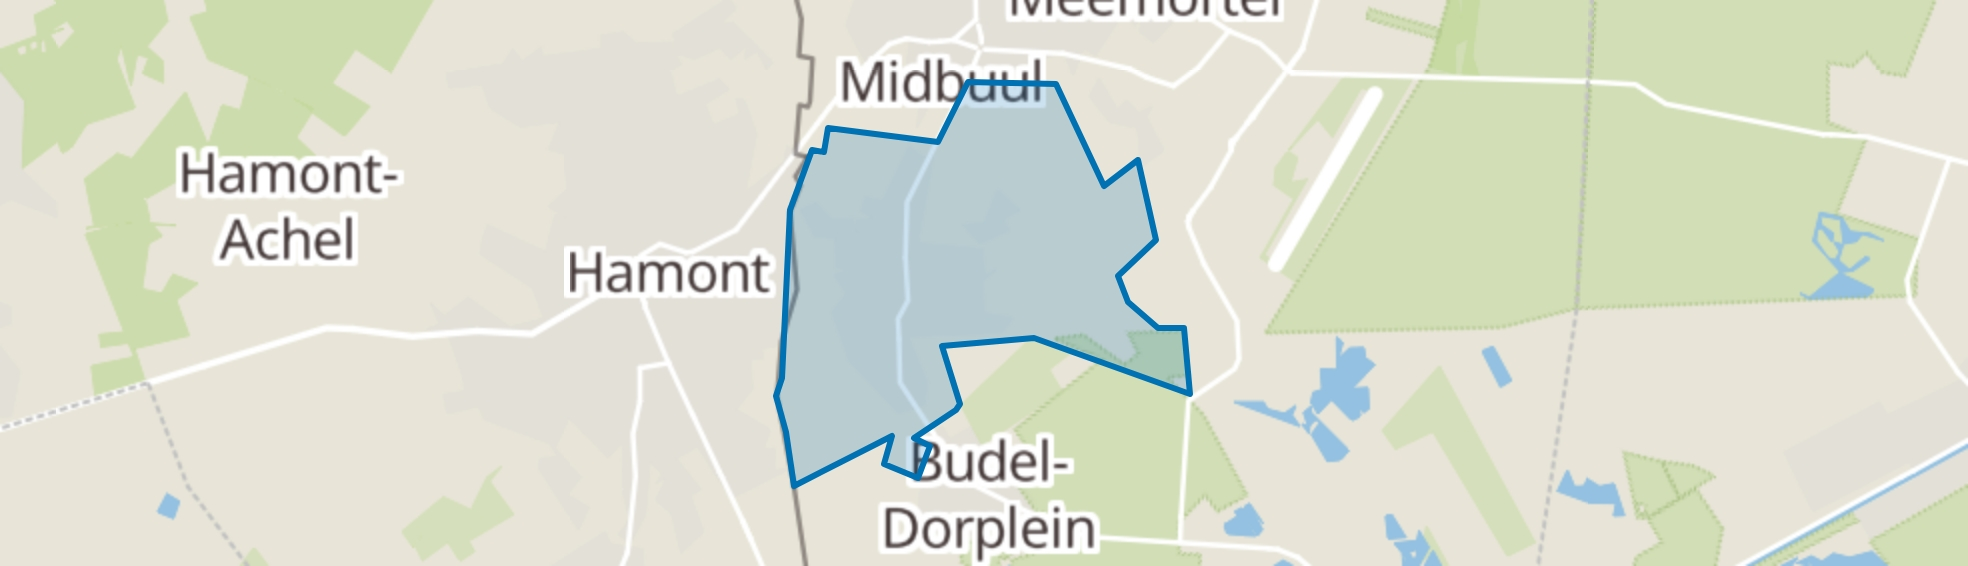 Budel-Schoot map